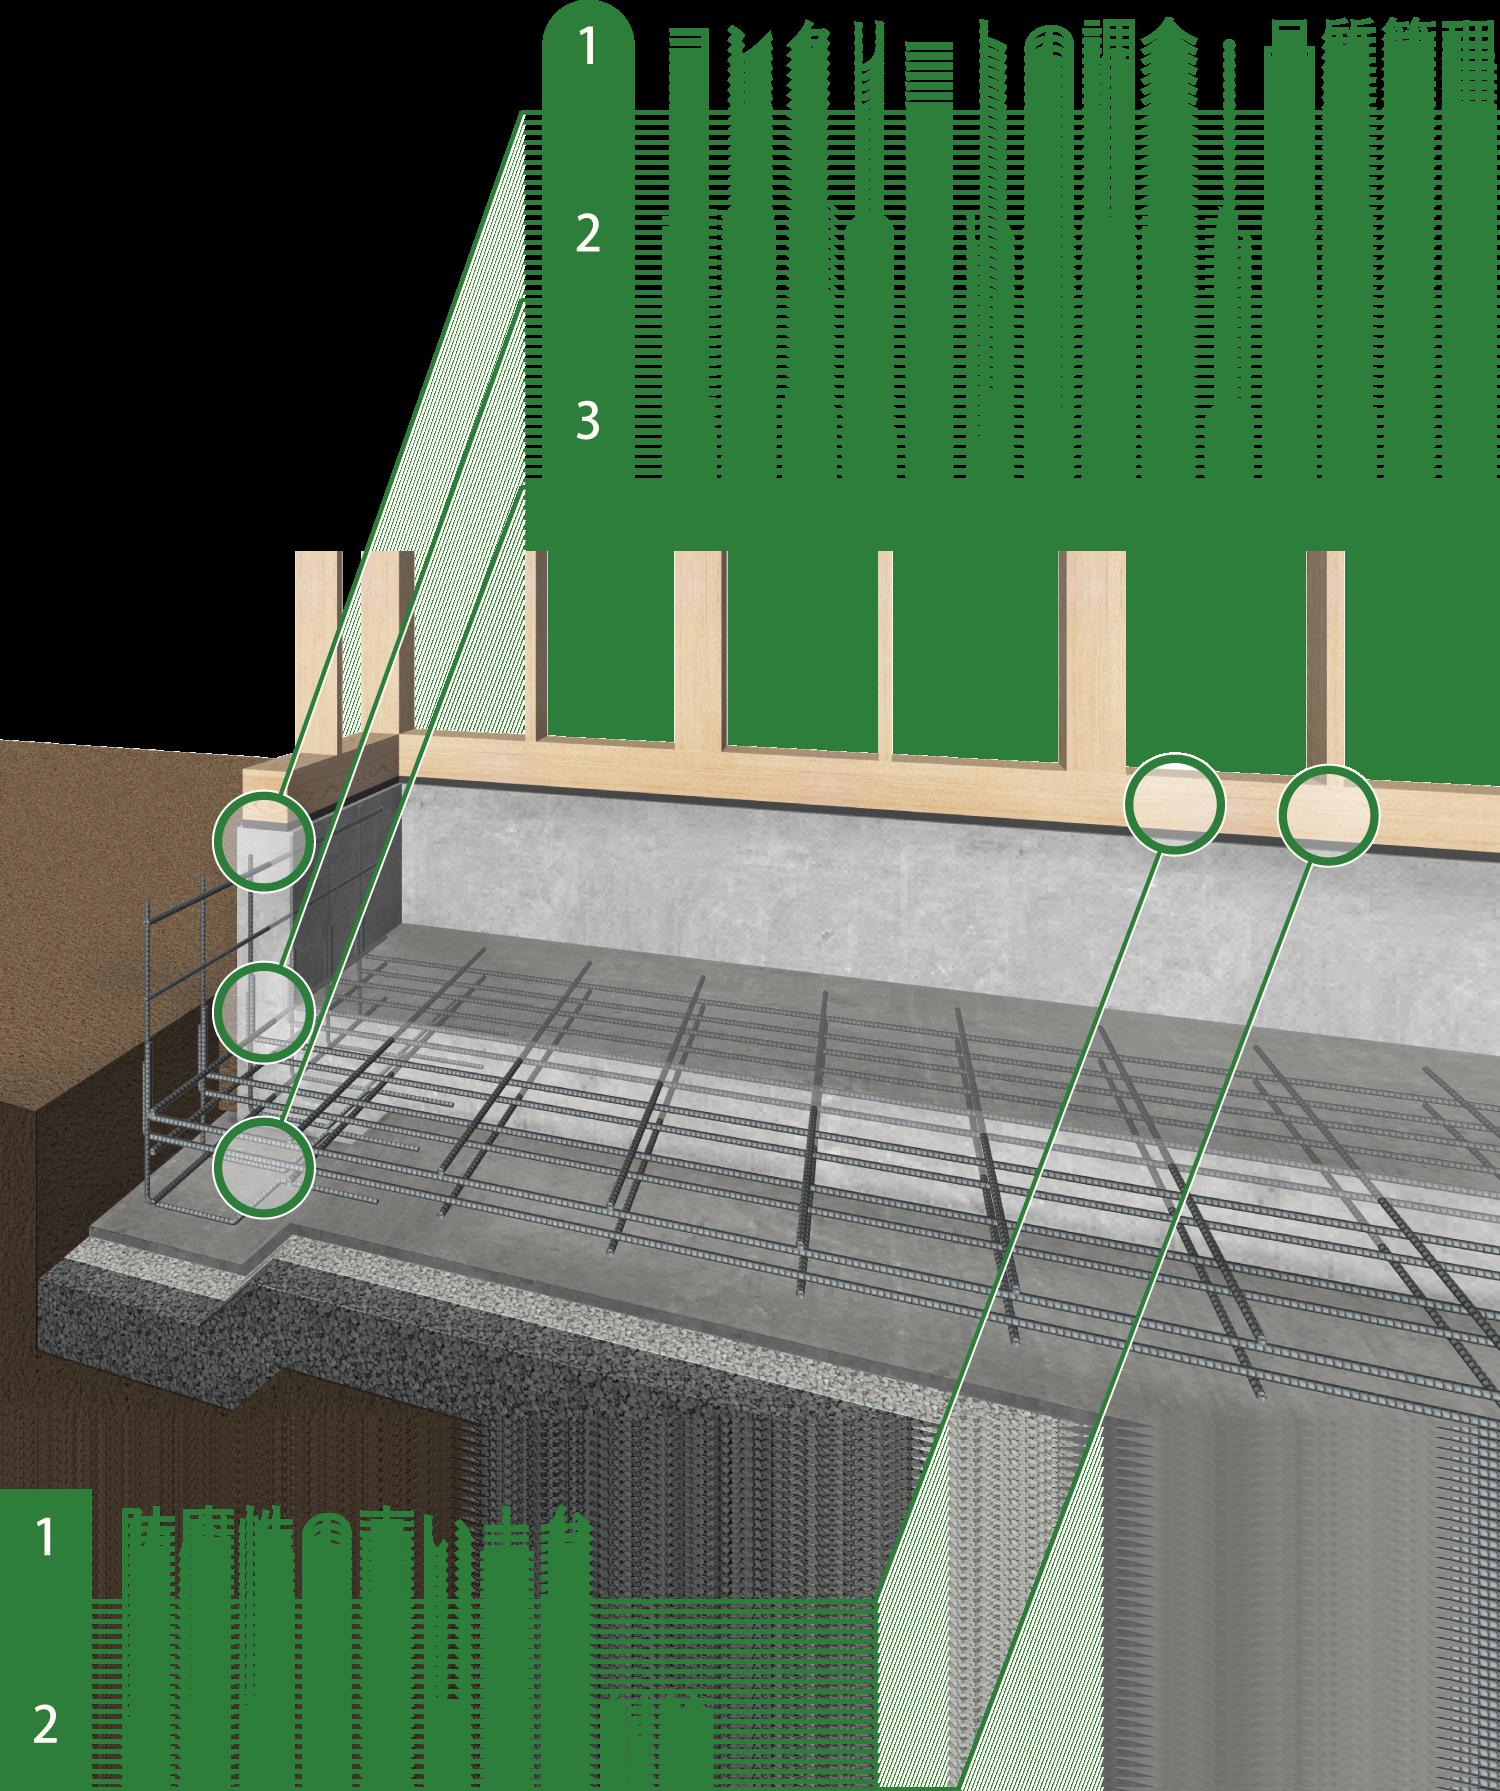 コンクリートの調合・品質管理 打継ぎのない一体打ち施工 構造計算による基礎設計 防腐性の高い土台 ホウ酸のシロアリ対策